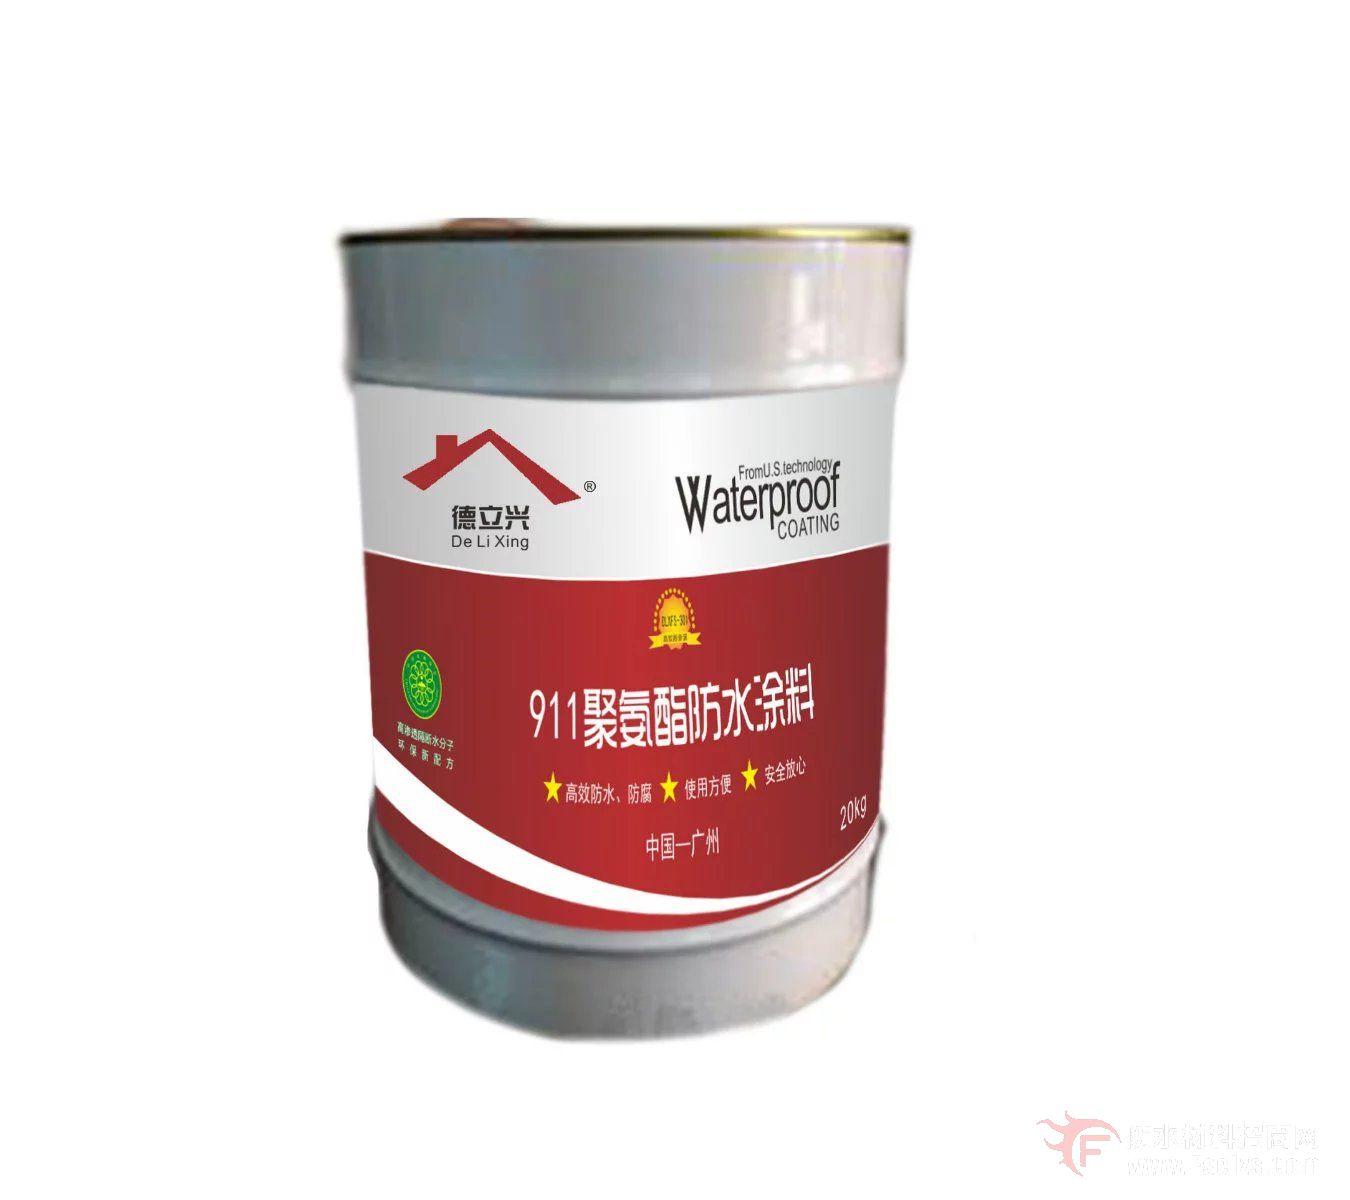 聚氨酯工程防水涂料新包装新升级